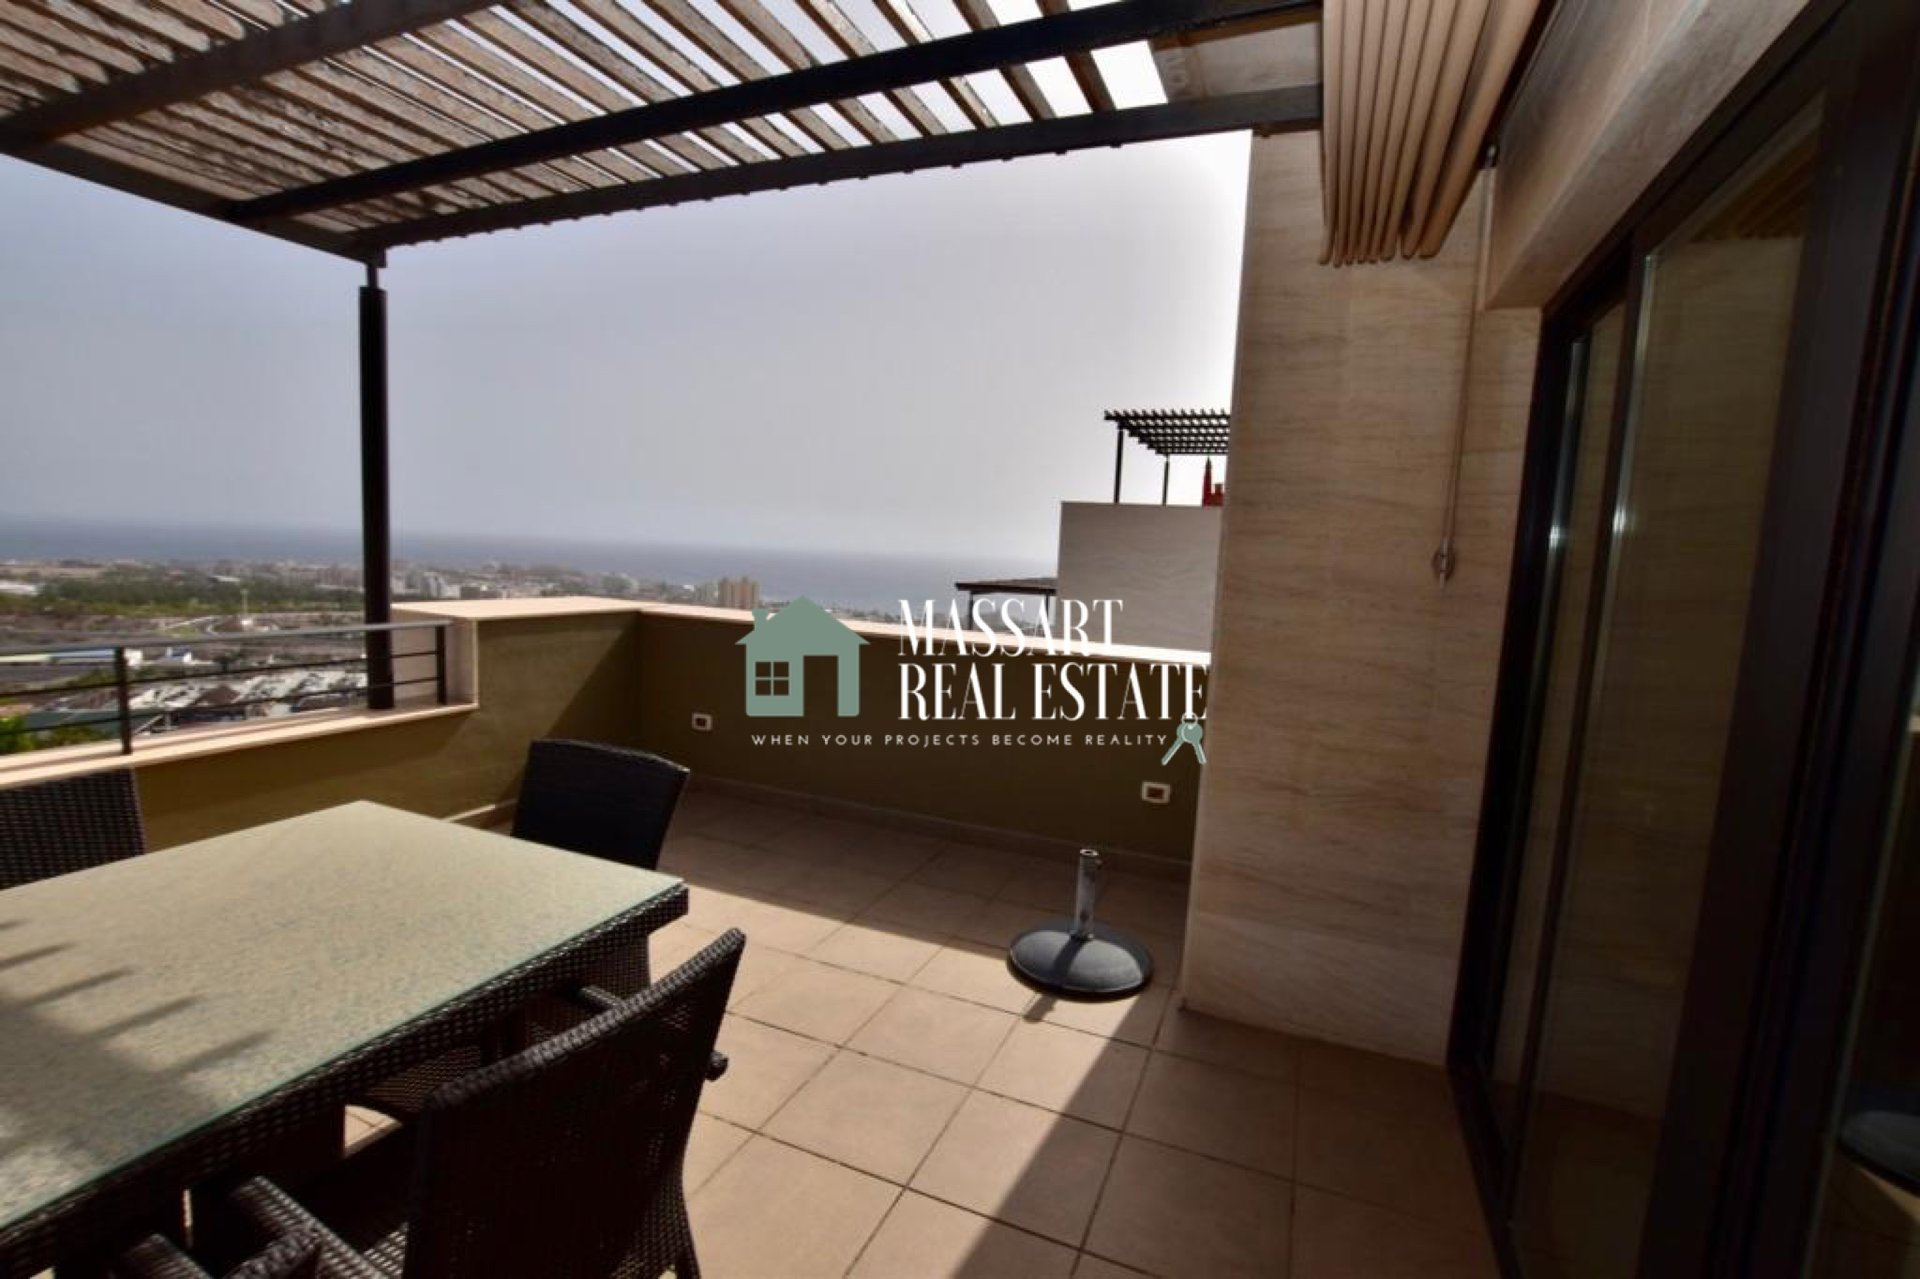 Magnifique villa de 162 m2 à vendre dans un quartier exclusif de Costa Adeje, La Caldera del Rey.